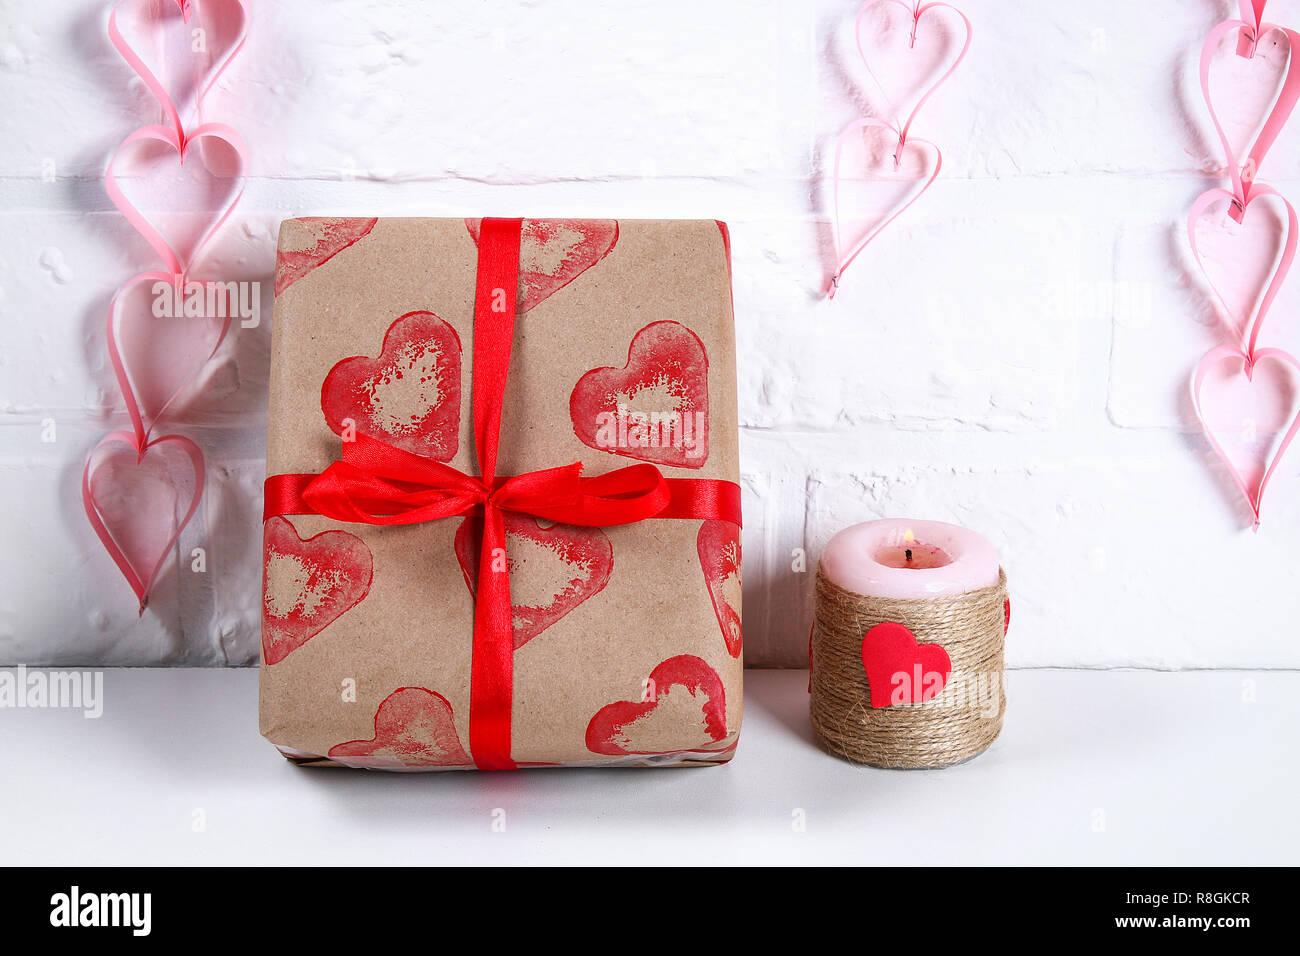 Diy Dekoration am 14. Februar. Ein Geschenk und eine Kerze ...